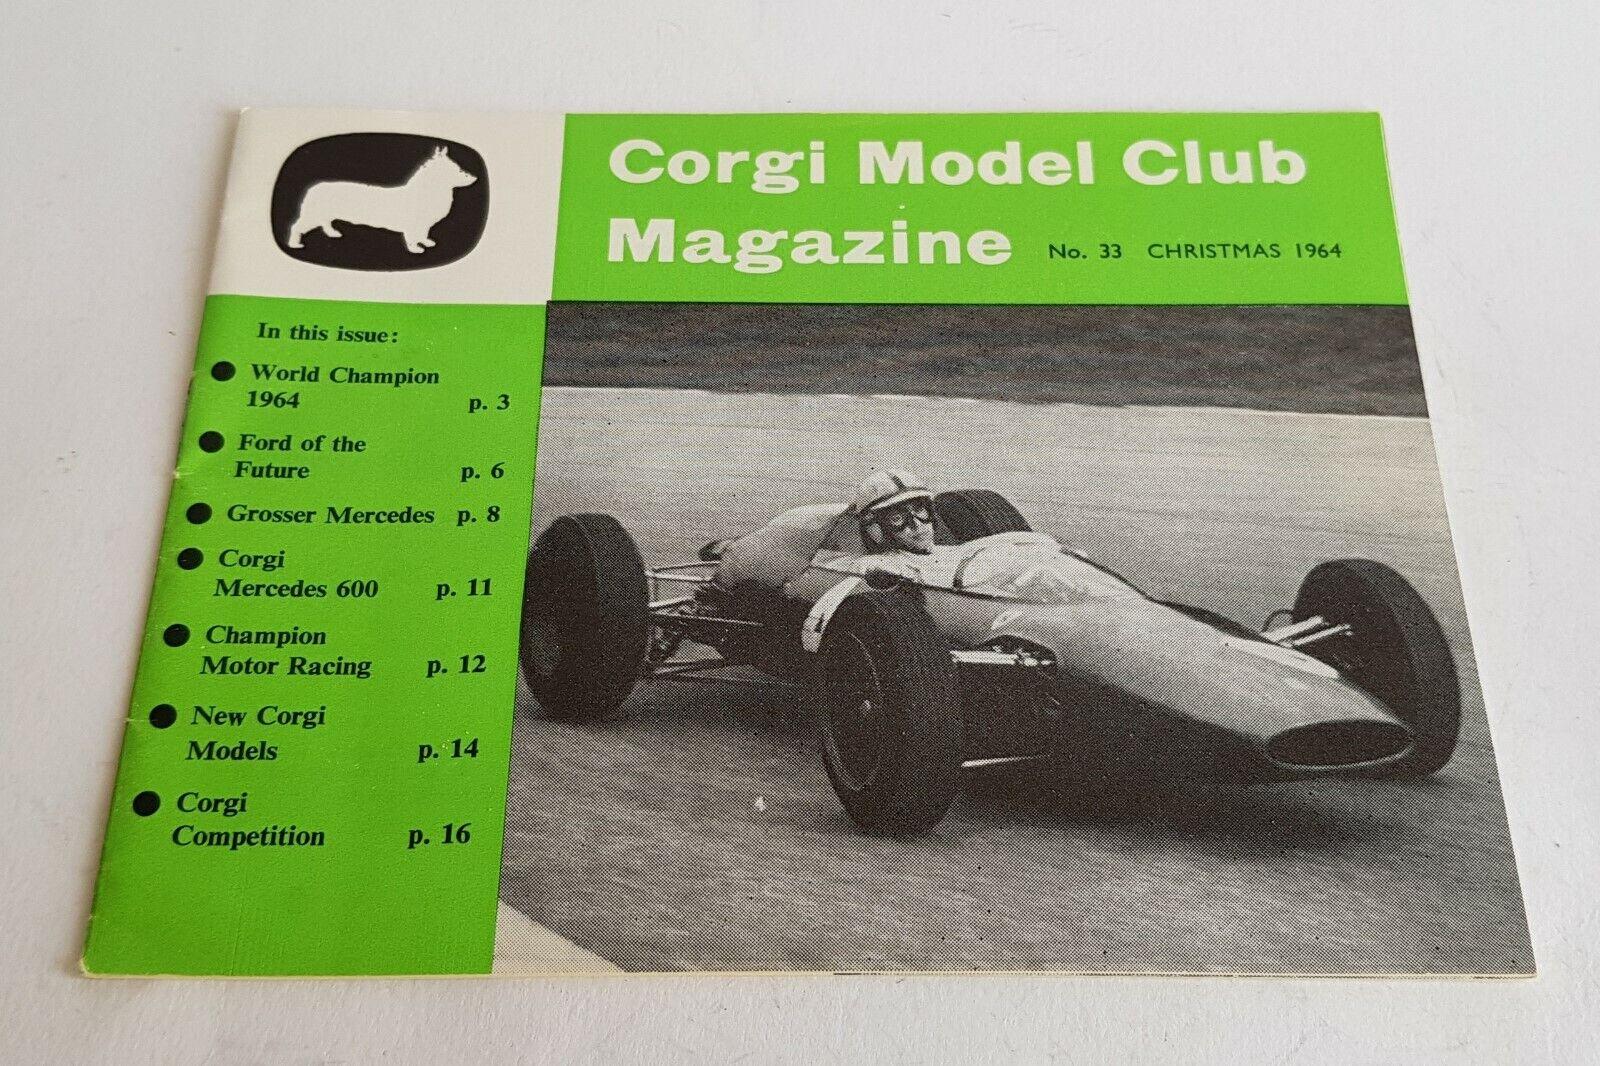 Original Corgi Club Magazine No. 33, Christmas Christmas Christmas 1964, - Superb Pristine Mint. 74c69d